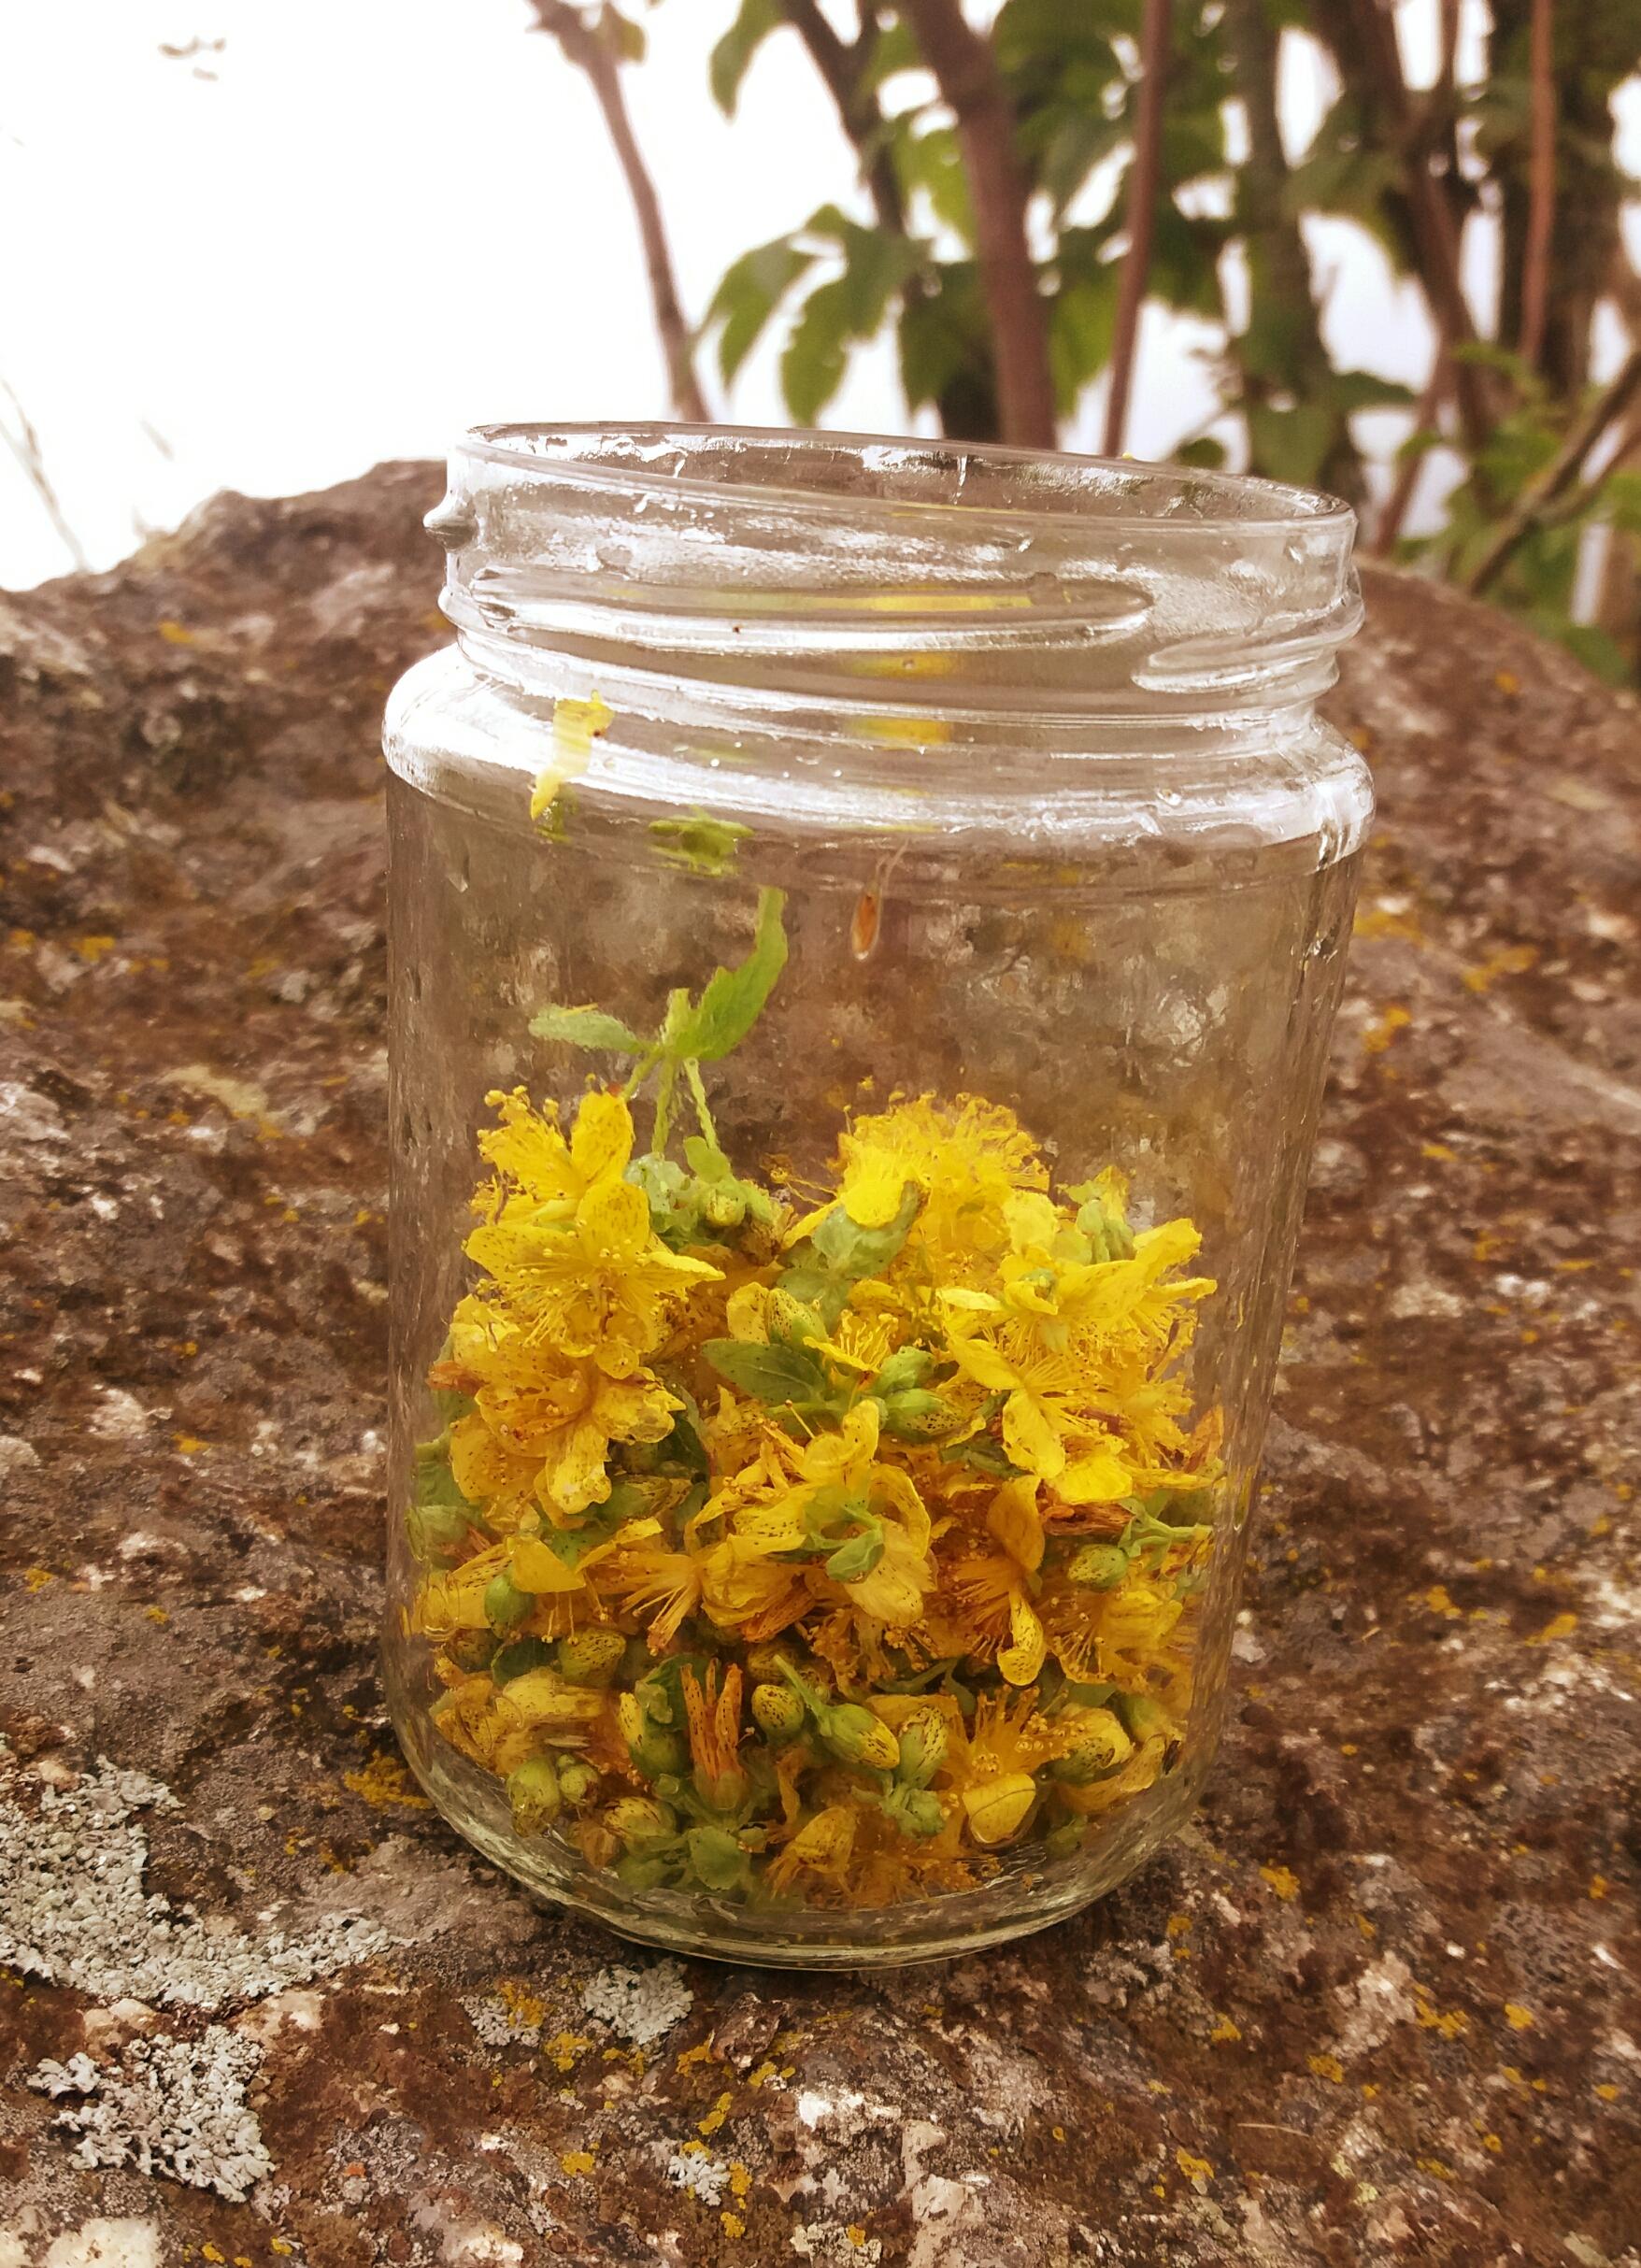 Gesammelte Blüten im Glas